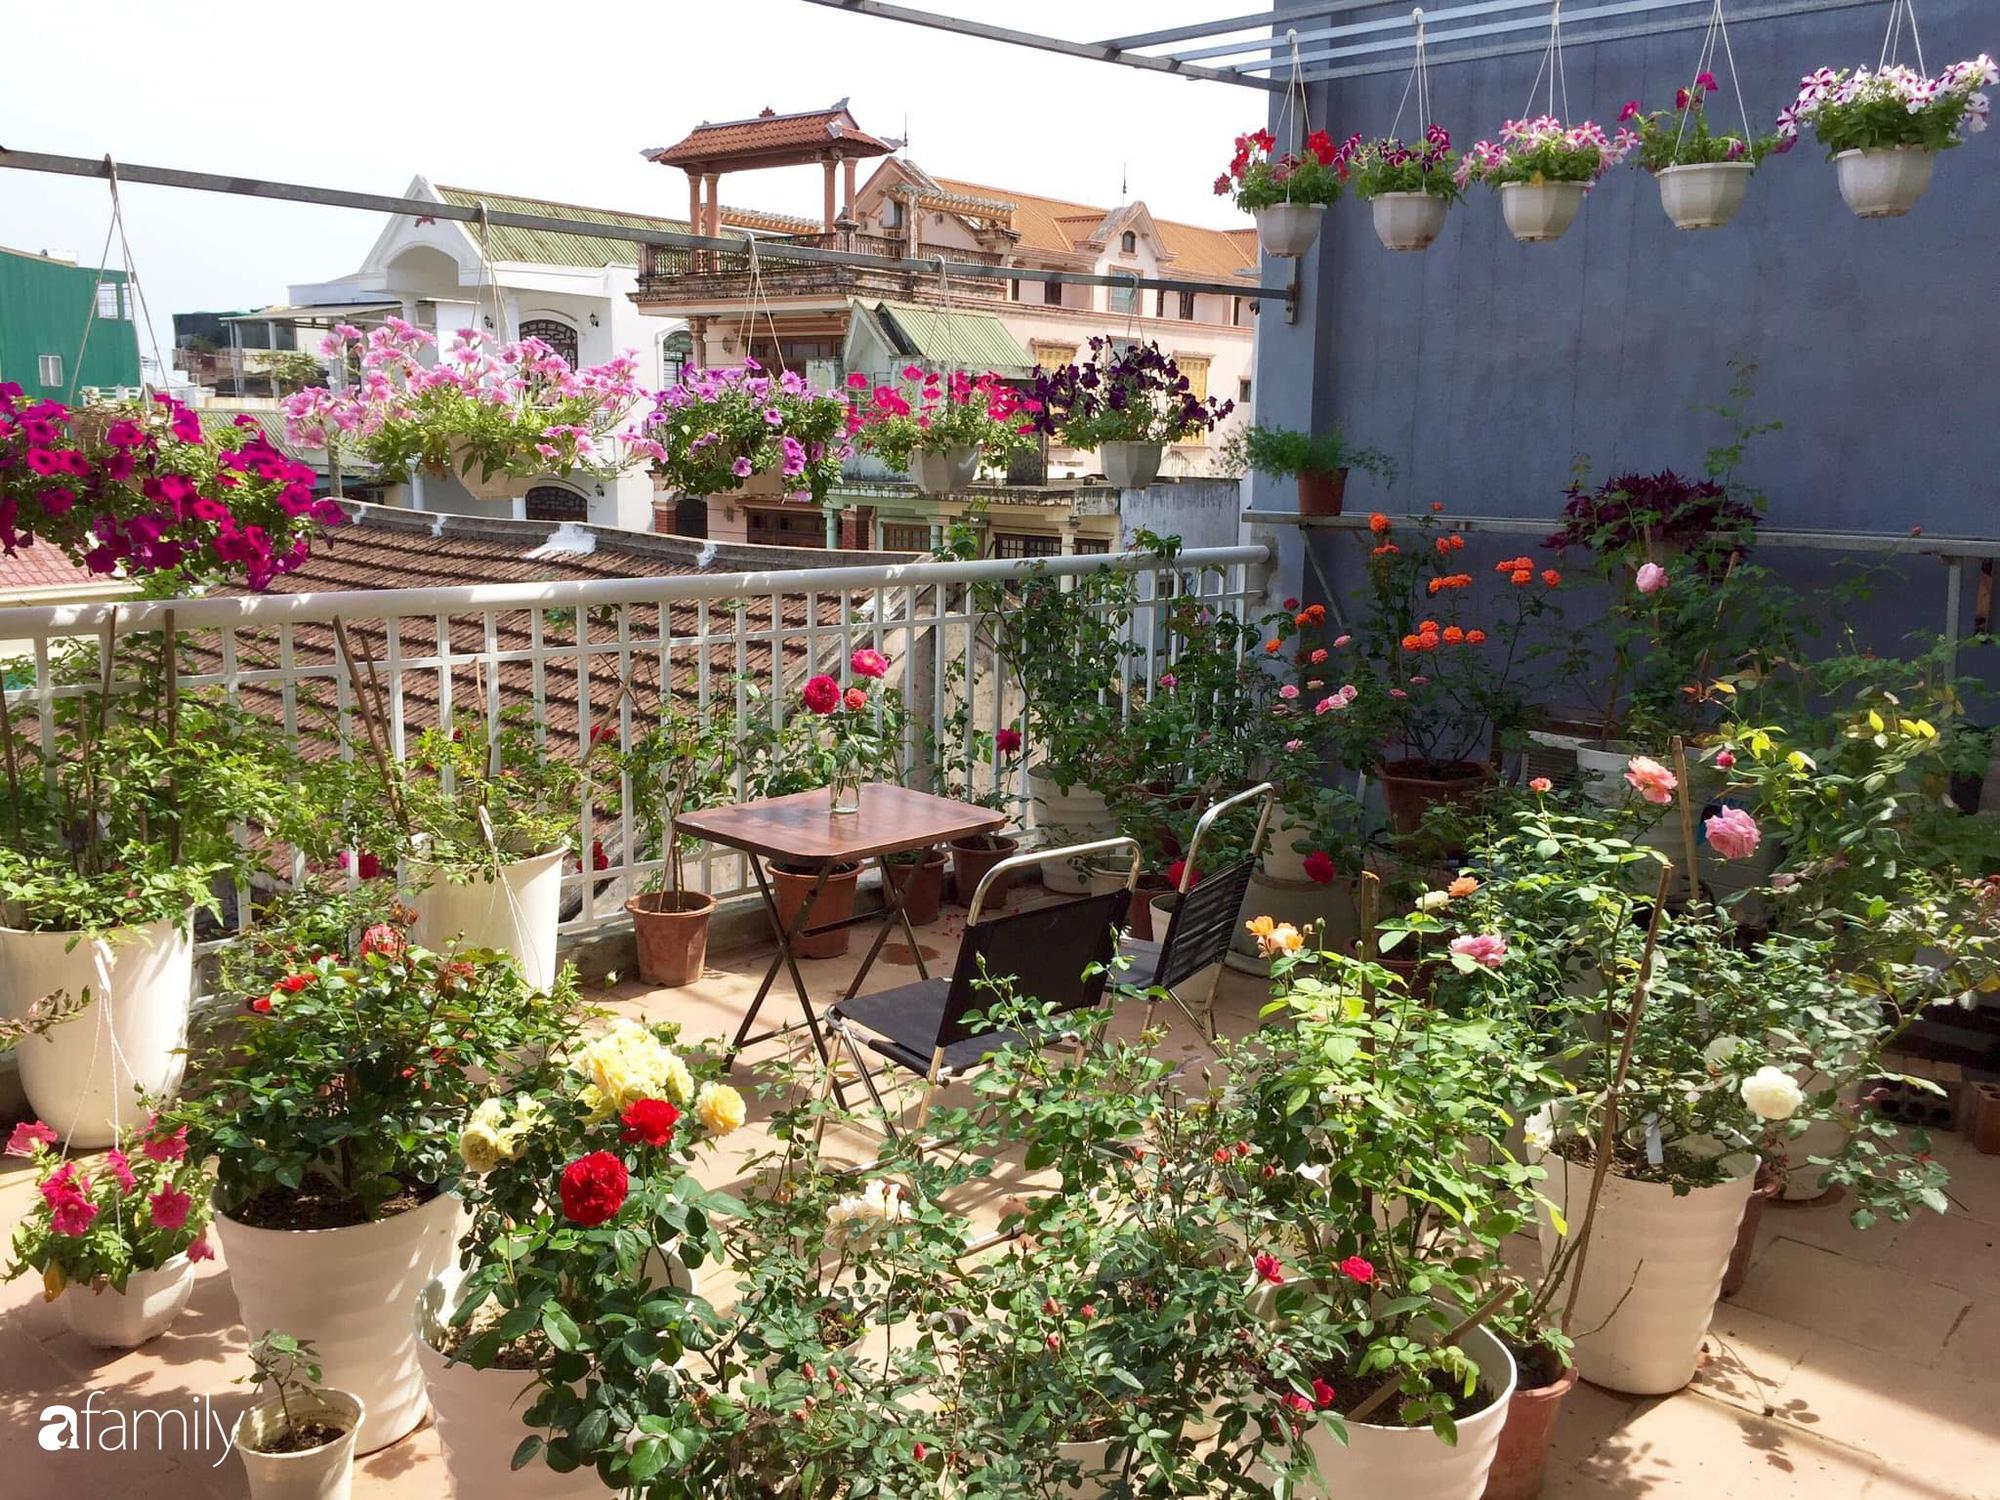 Mê hoa hồng, cô gái trẻ xứ Huế quyết tâm thức khuya dậy sớm tạo cả vườn hồng rực rỡ trên sân thượng - Ảnh 2.